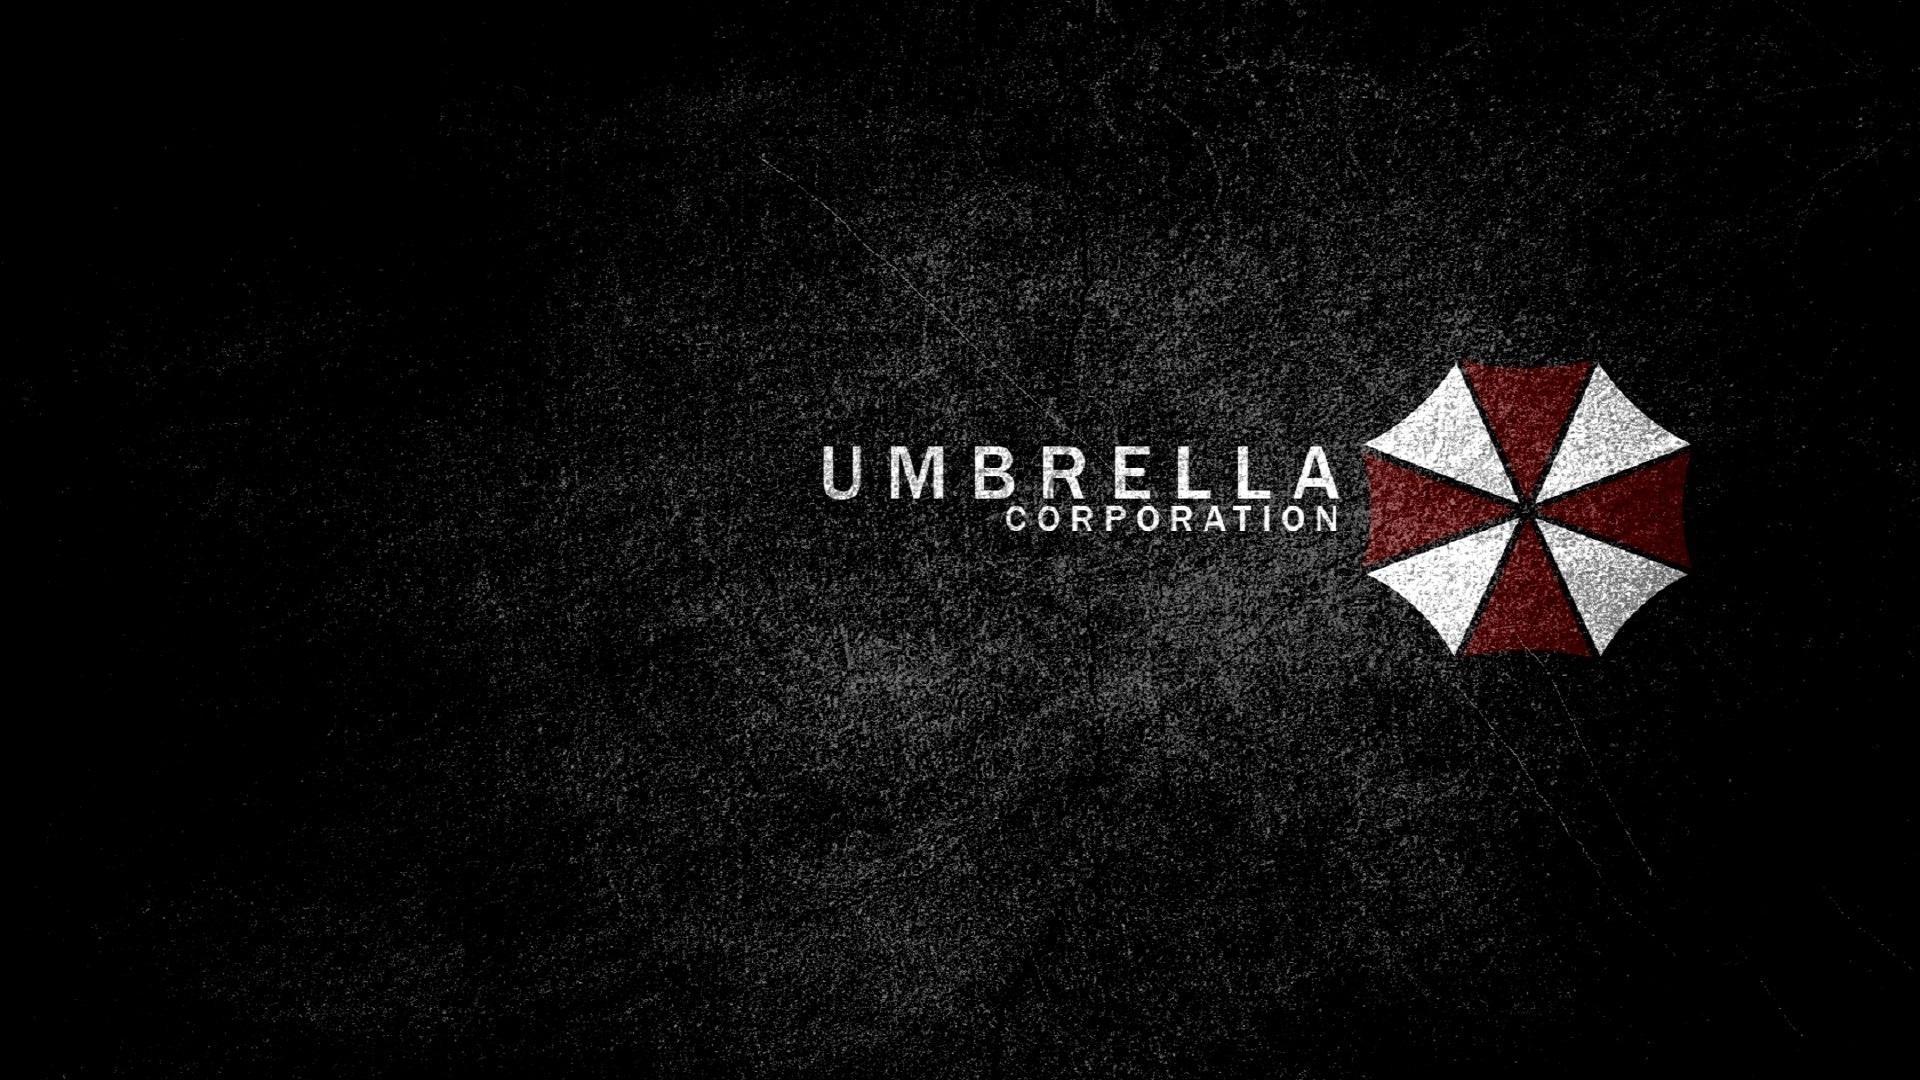 resident evil - papier peint parapluie société hd de bureau: écran